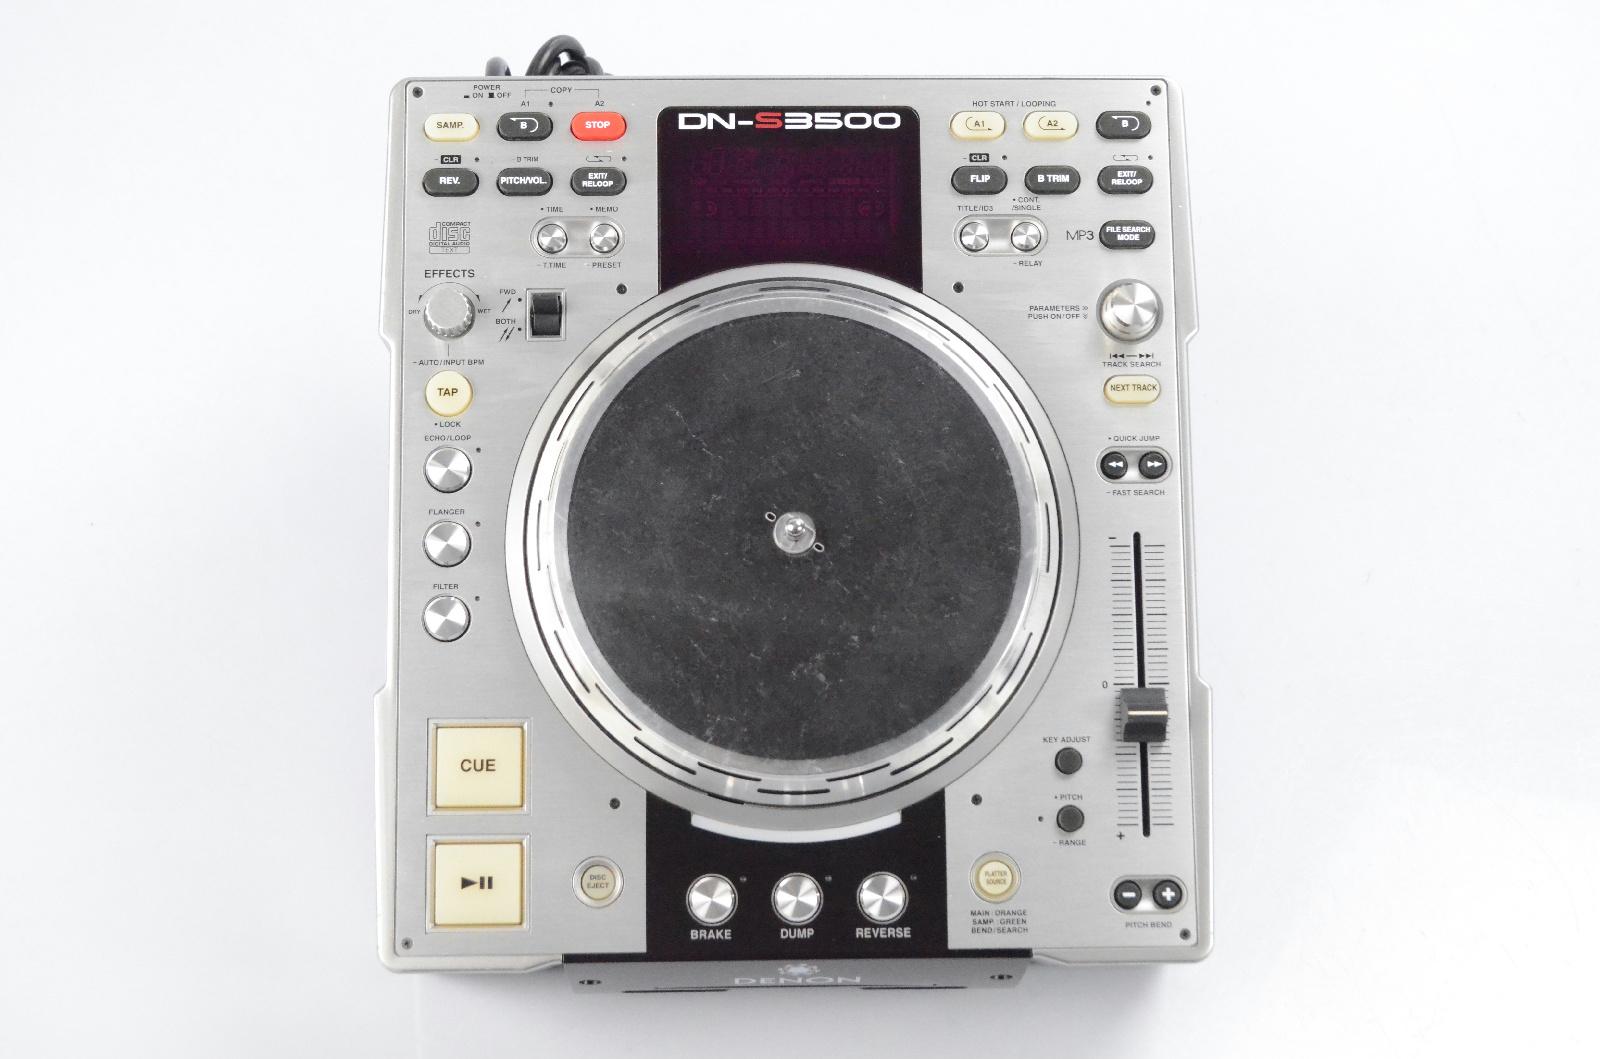 Denon DN-S3500 Professional Direct Drive DJ CD MP3 Player DNS3500 #31768